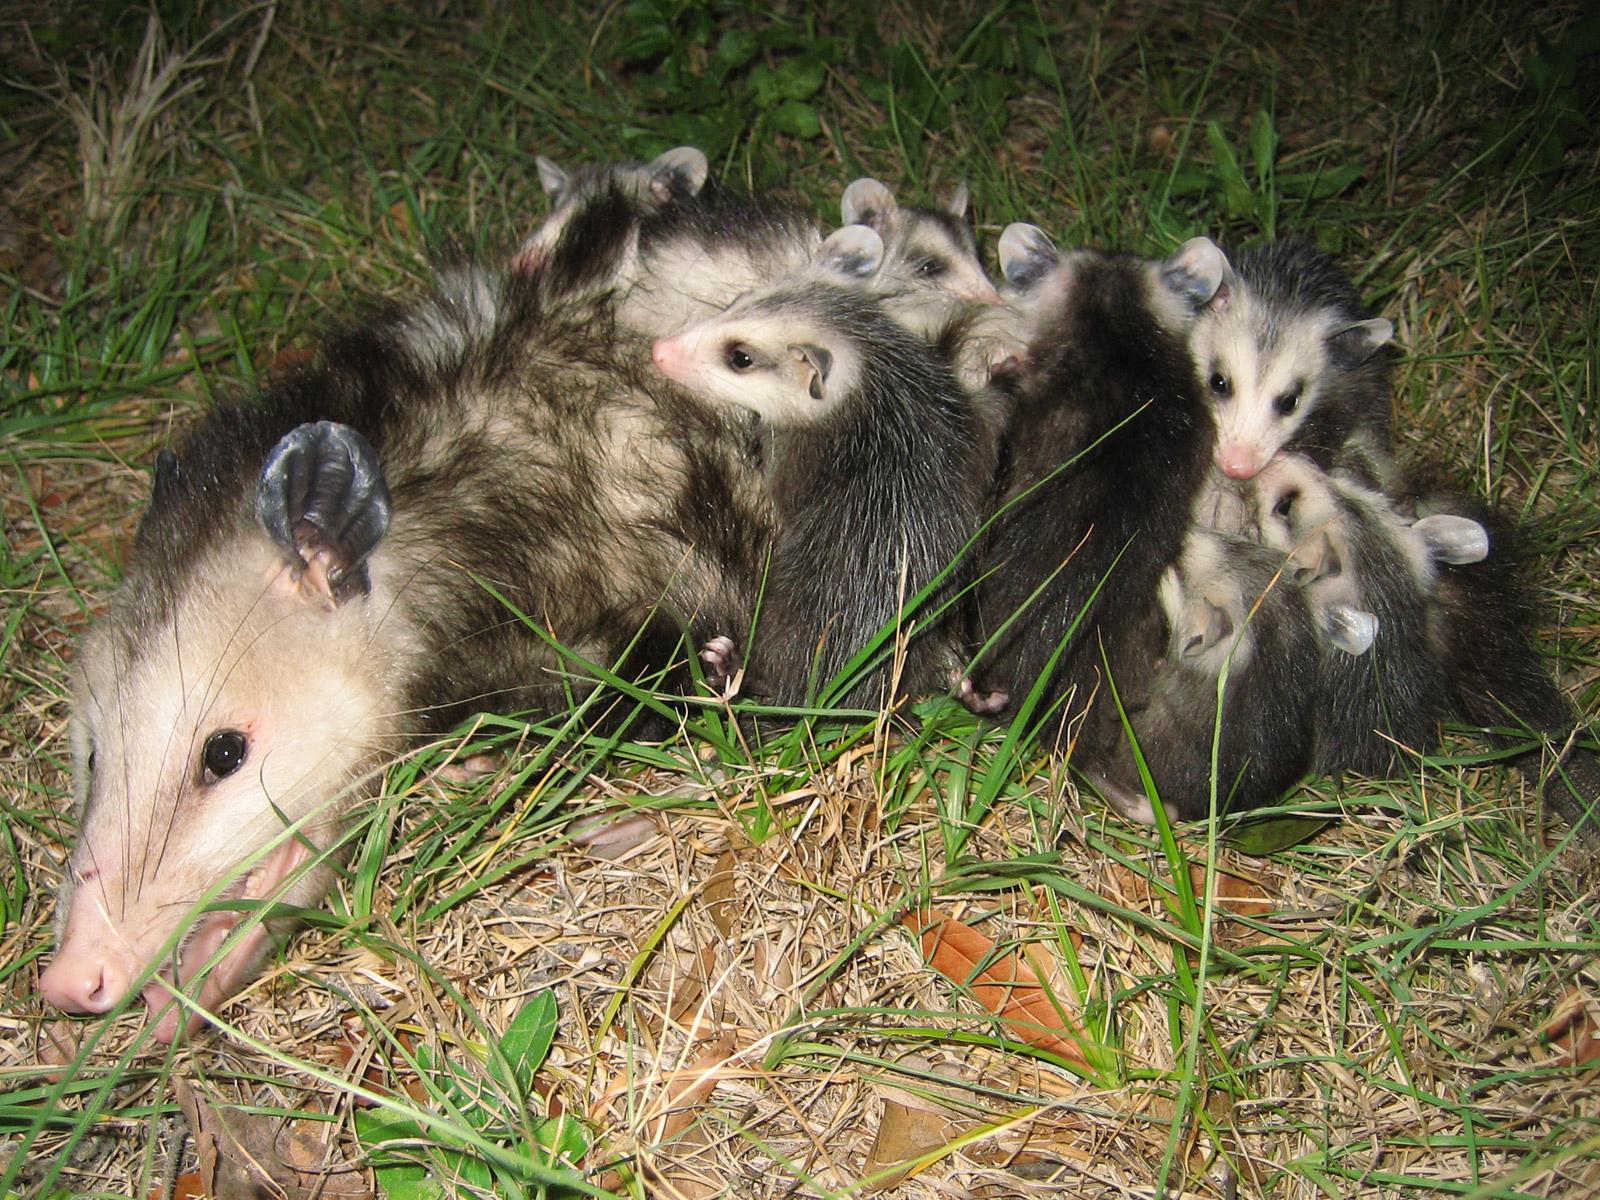 Cute Baby Opossum Photos Possum Photographs Pictures